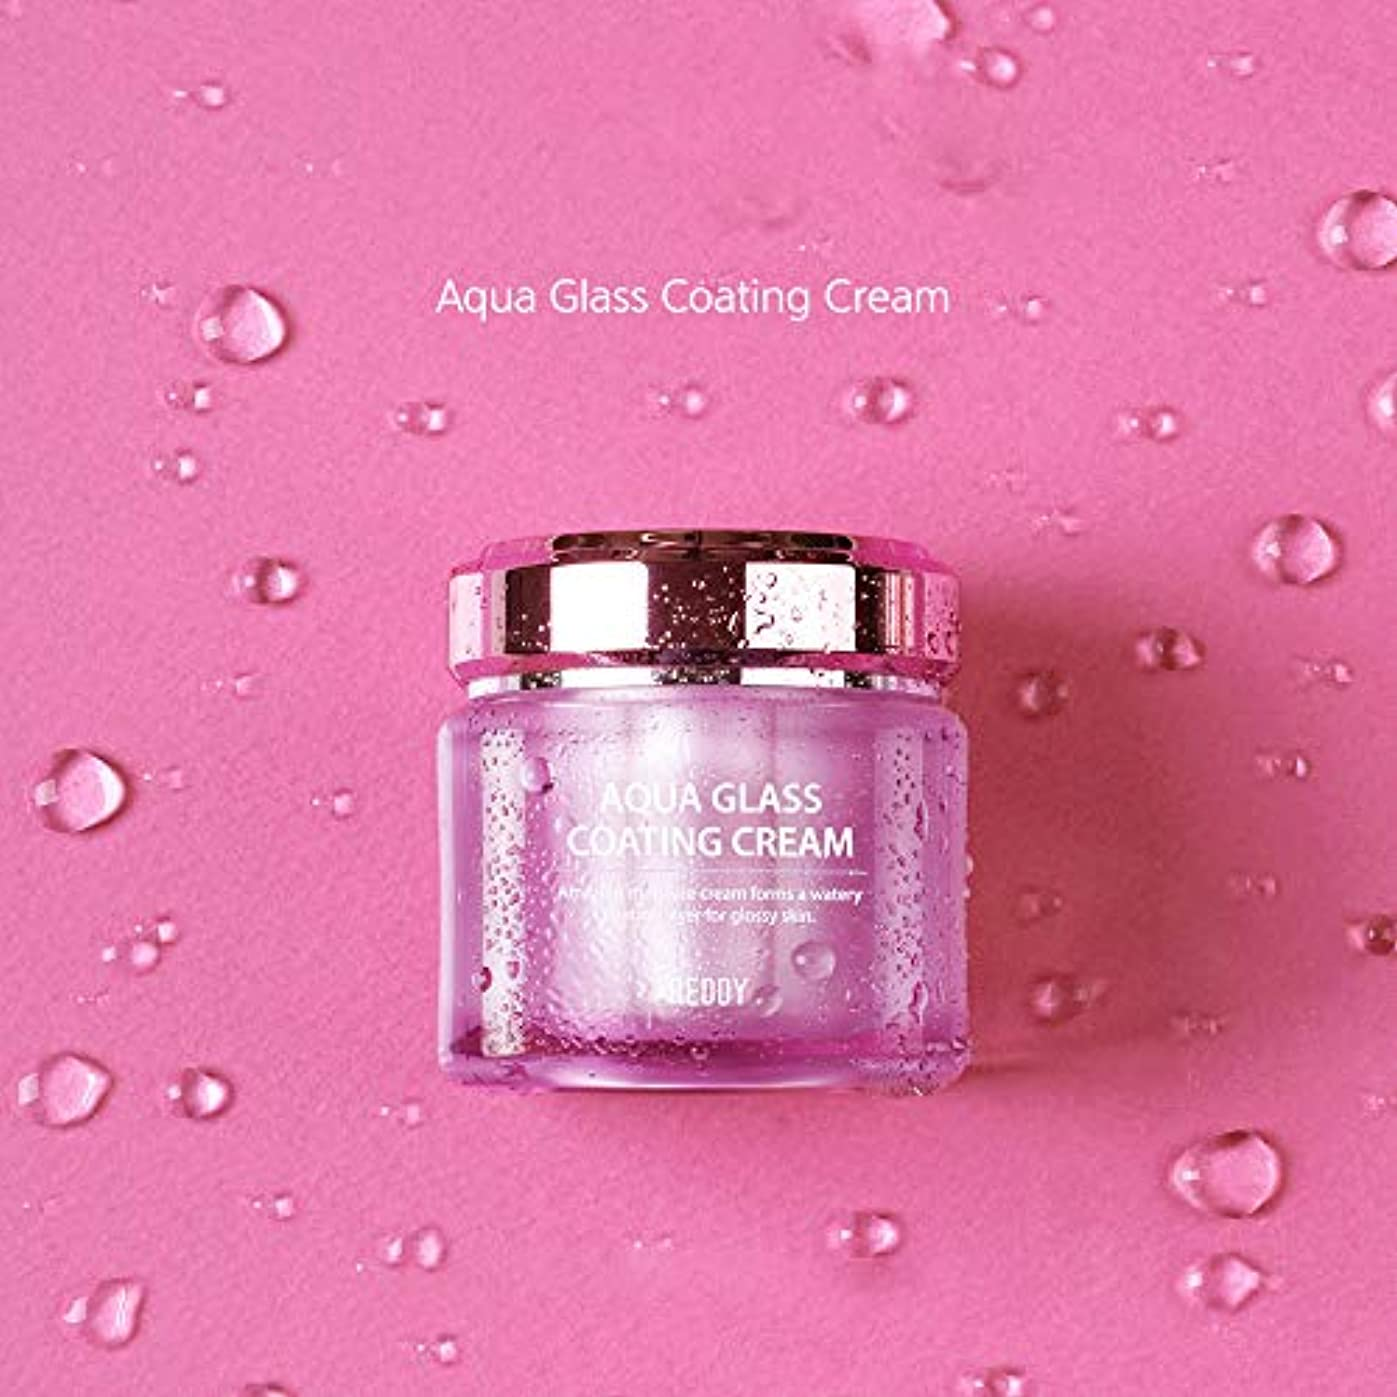 エレメンタルナプキン性別REDDY (レディ)(AQUA GLASS COATING CREAM)アクアグラス コーティング クリーム 50g